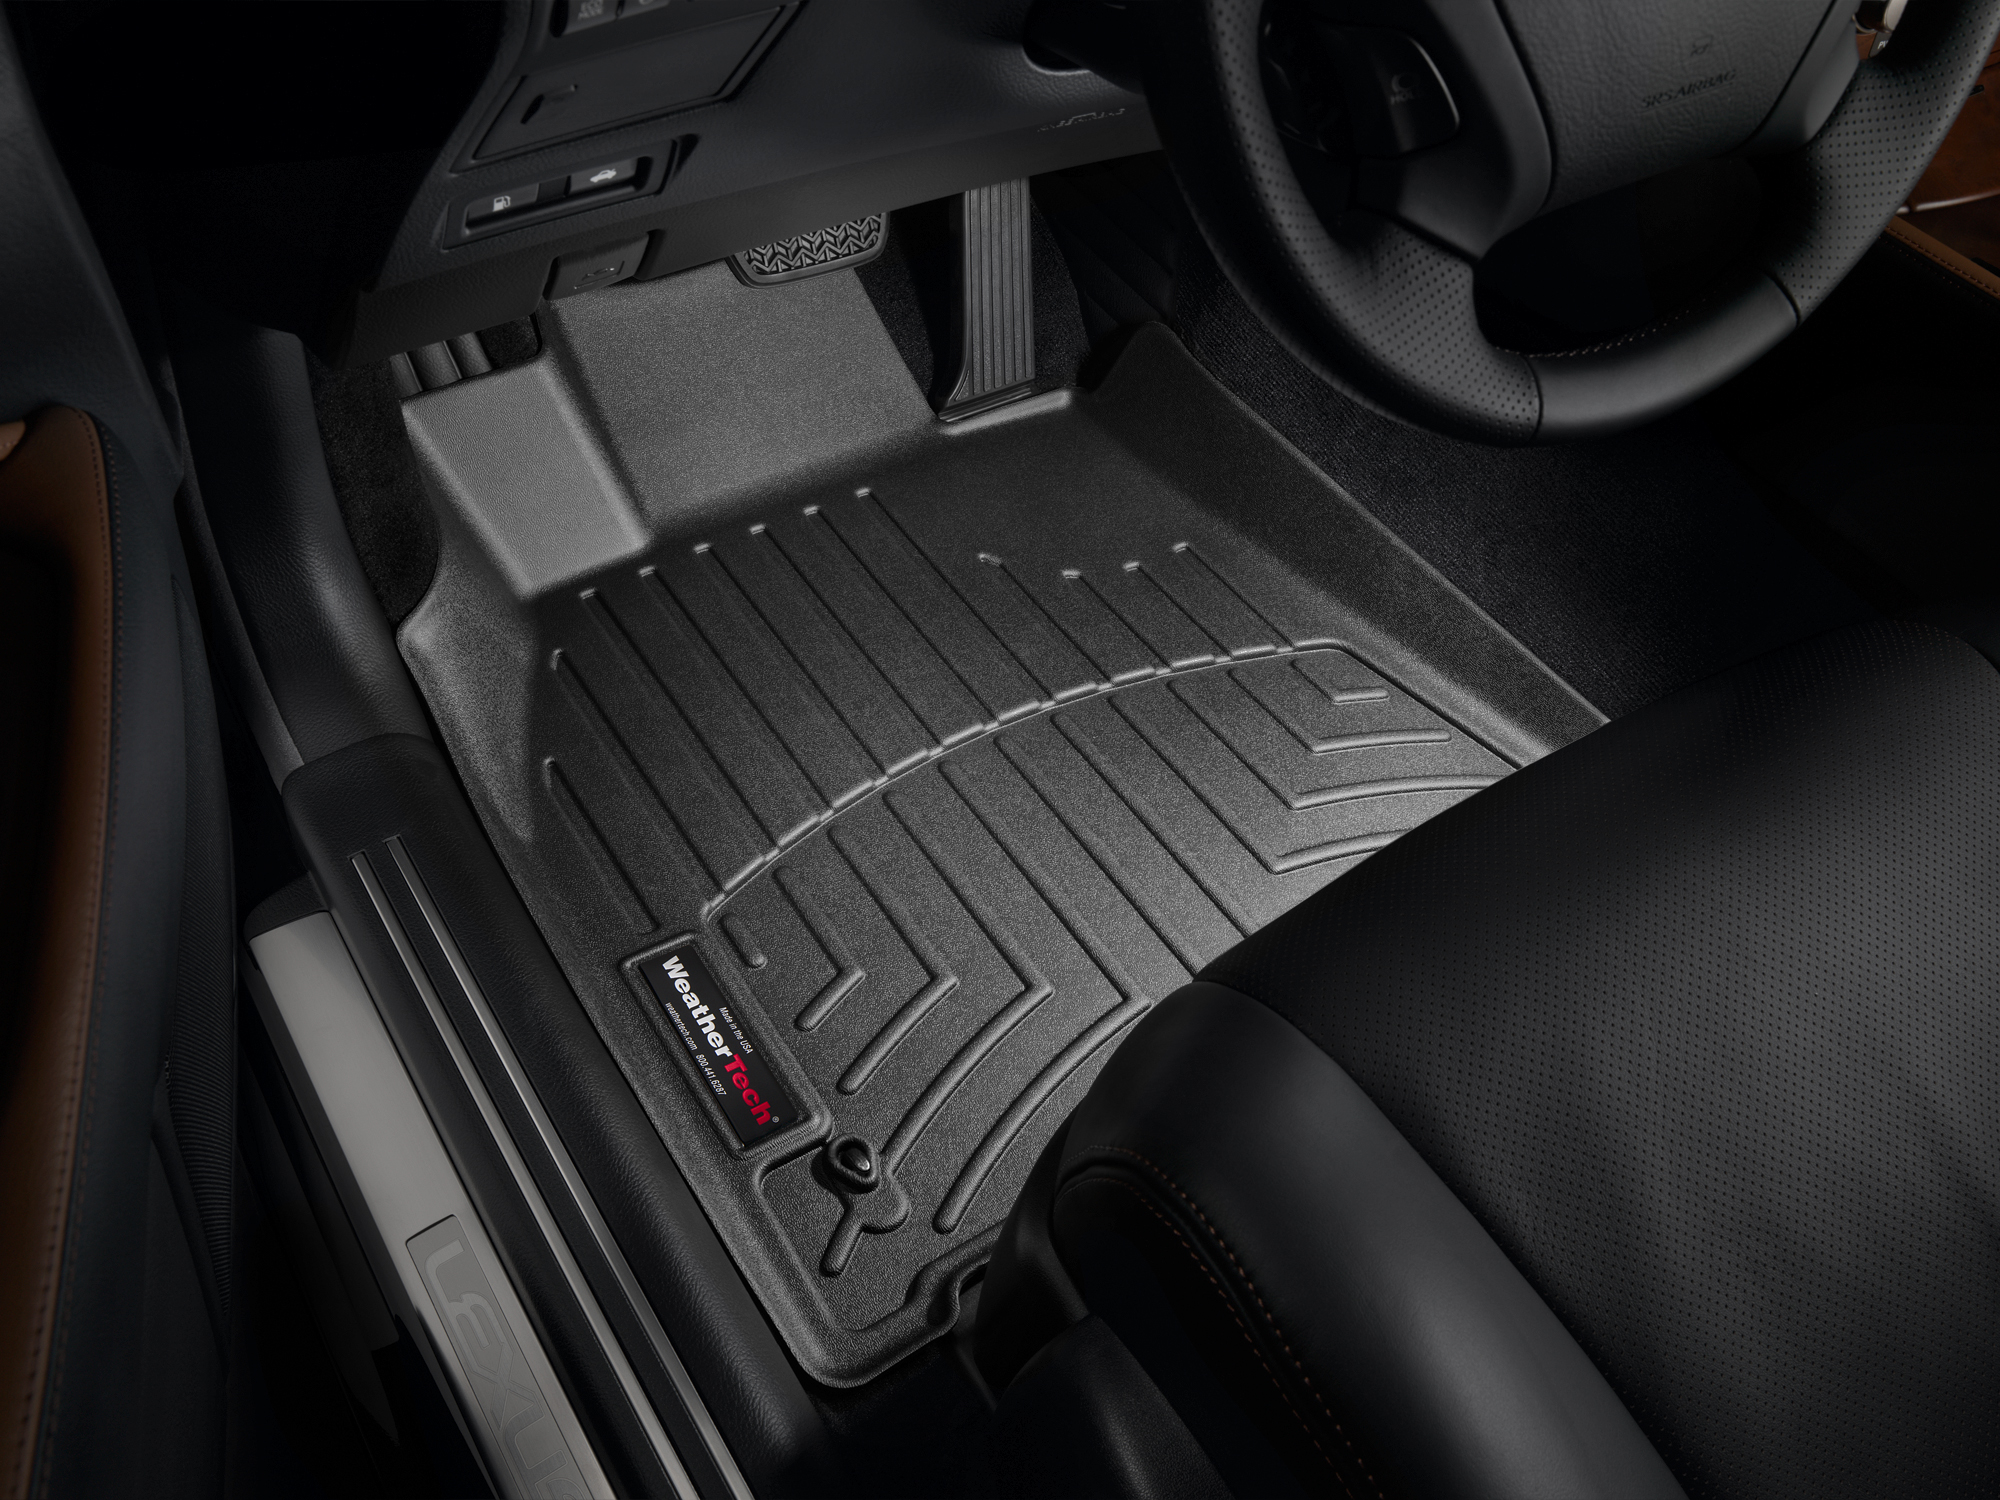 Tappeti gomma Weathertech bordo alto Lexus LS 07>12 Nero A2064